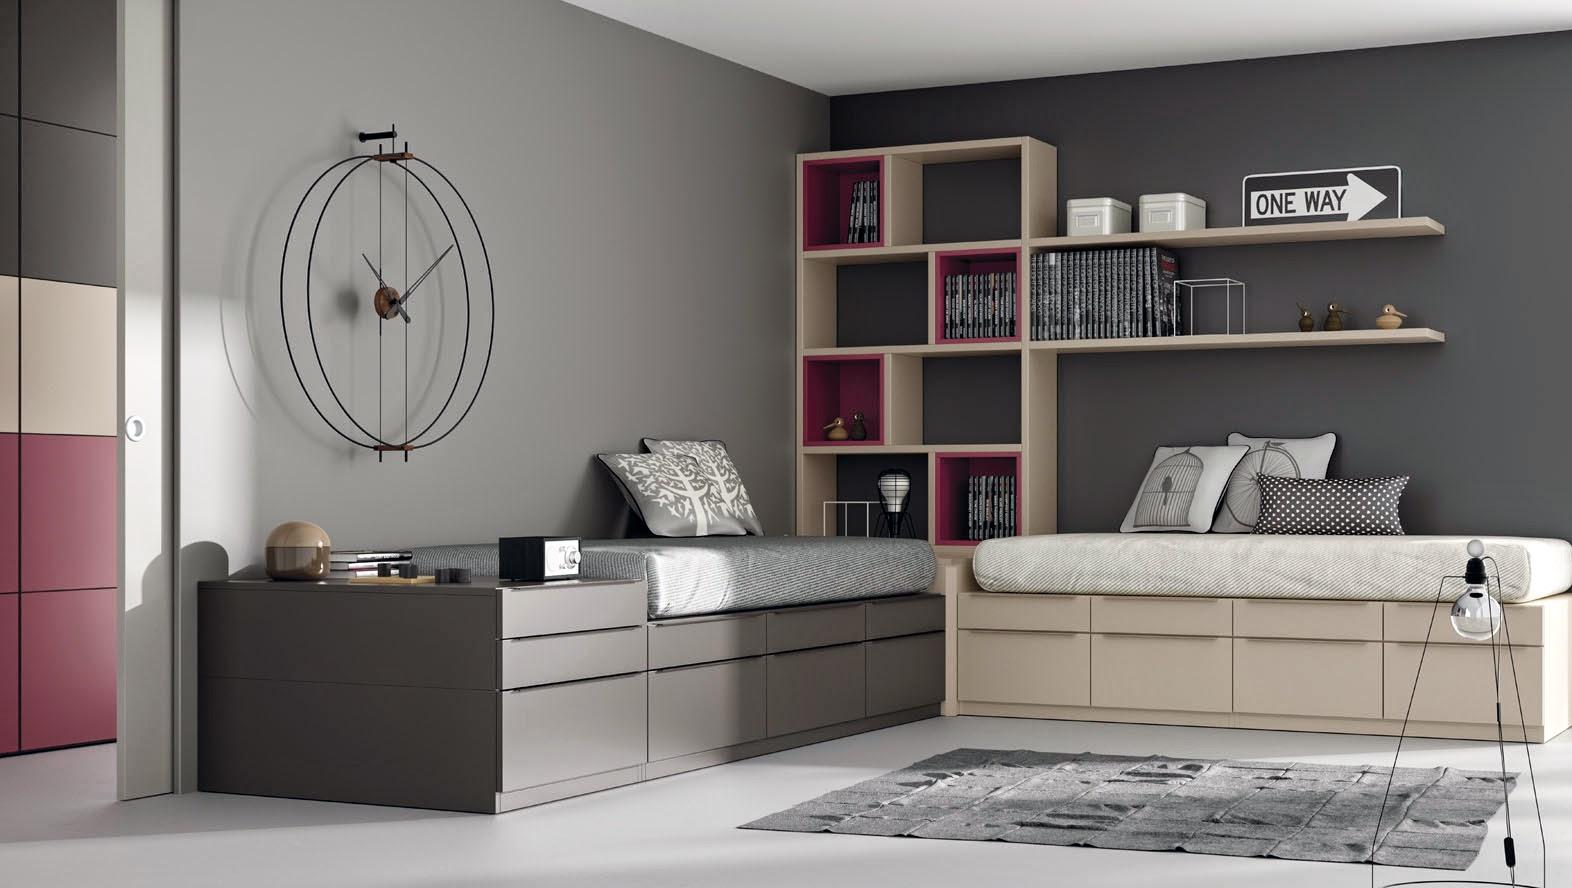 Dormitorios juveniles para dos hermanos - Habitaciones juveniles con estilo ...